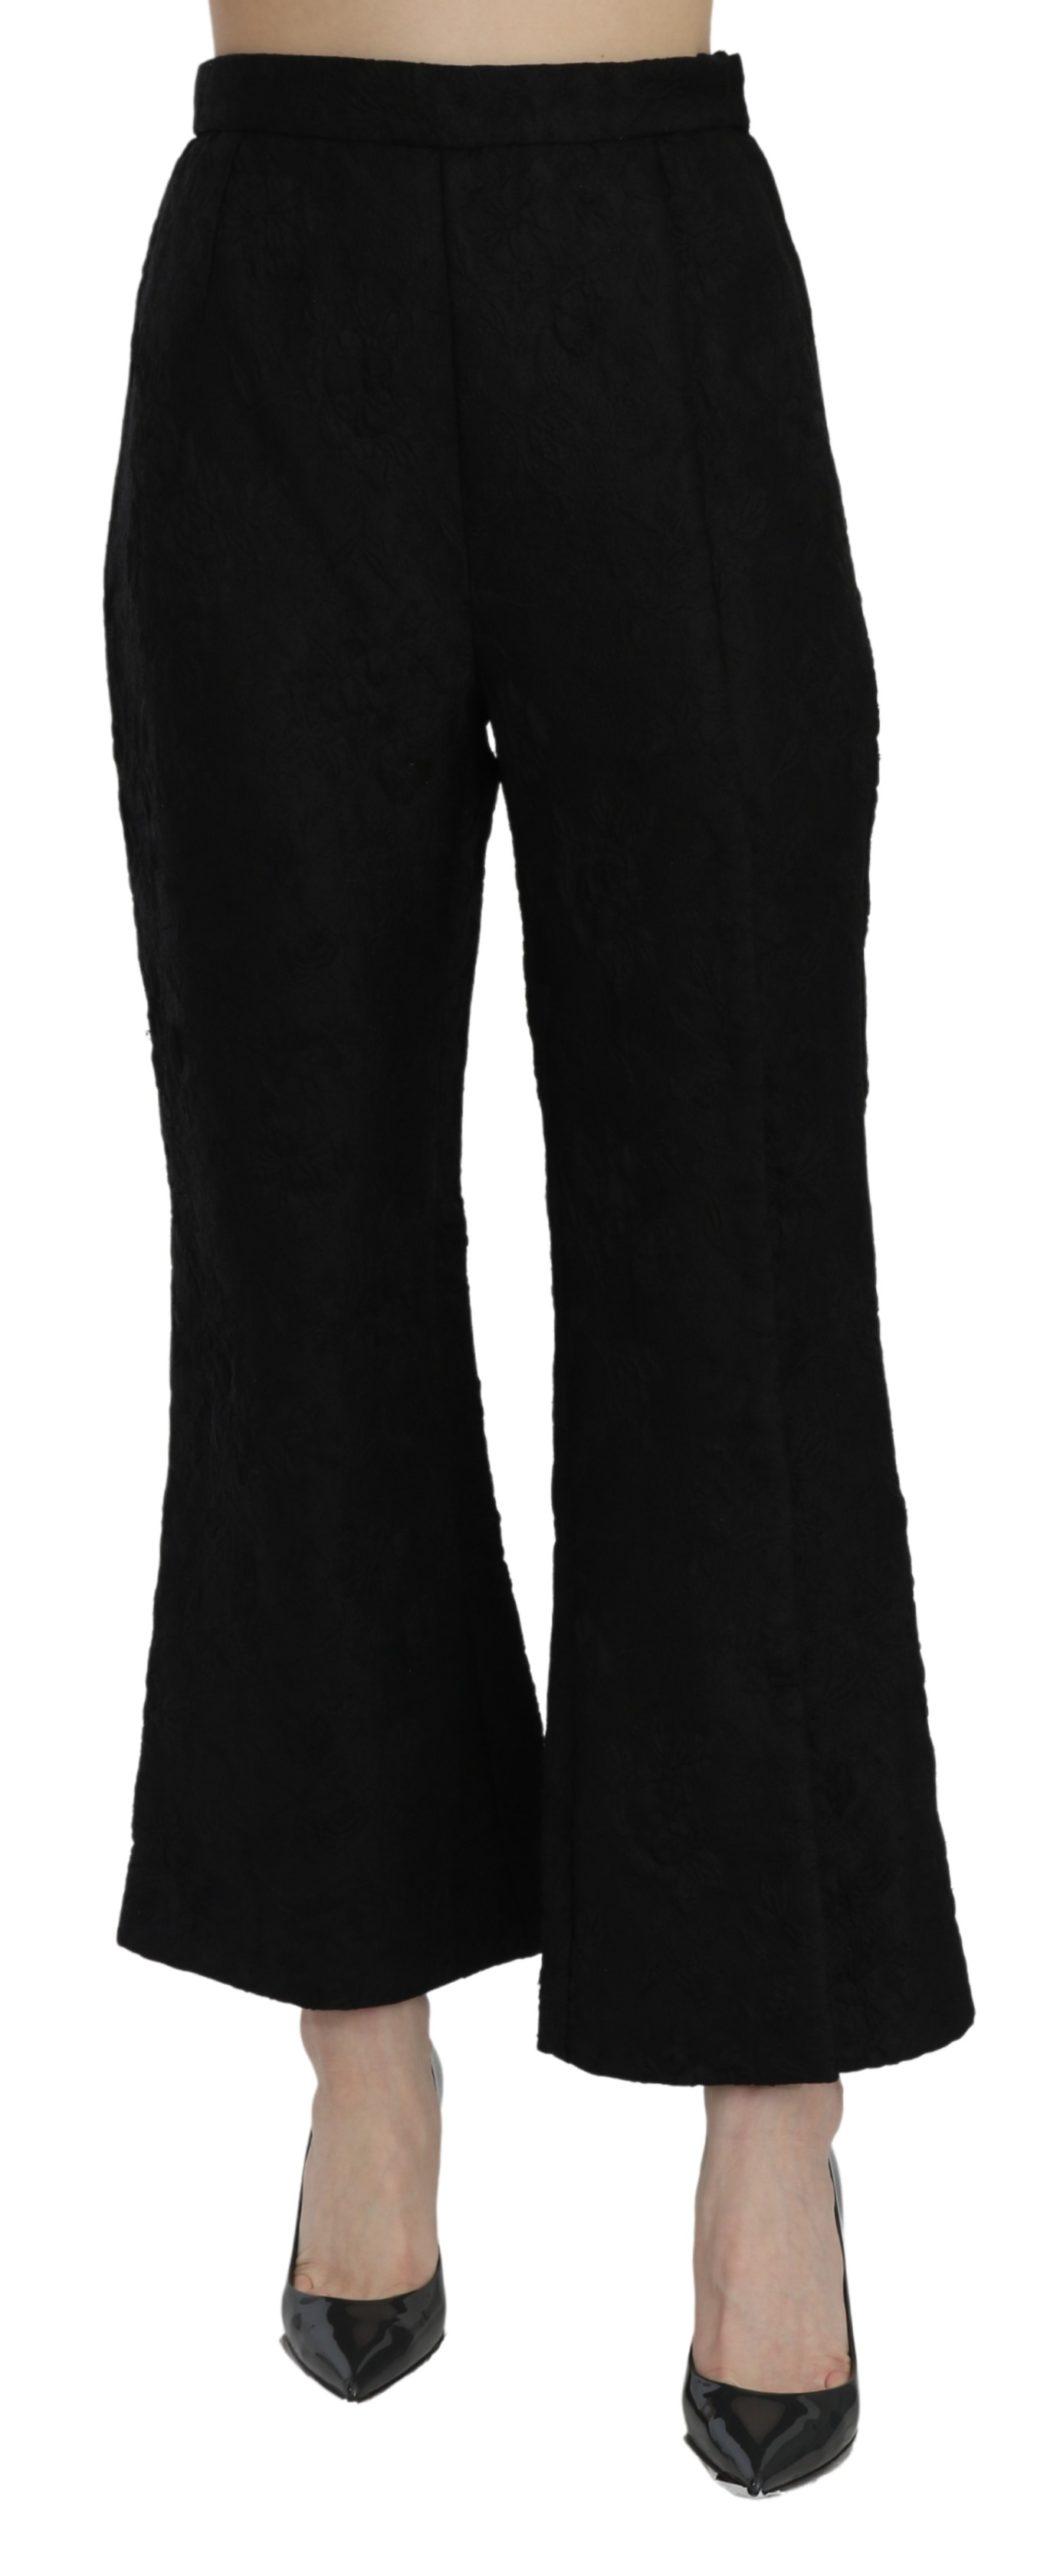 Dolce & Gabbana Women's High Waist Brocade Trouser Black PAN71079 - IT40|S